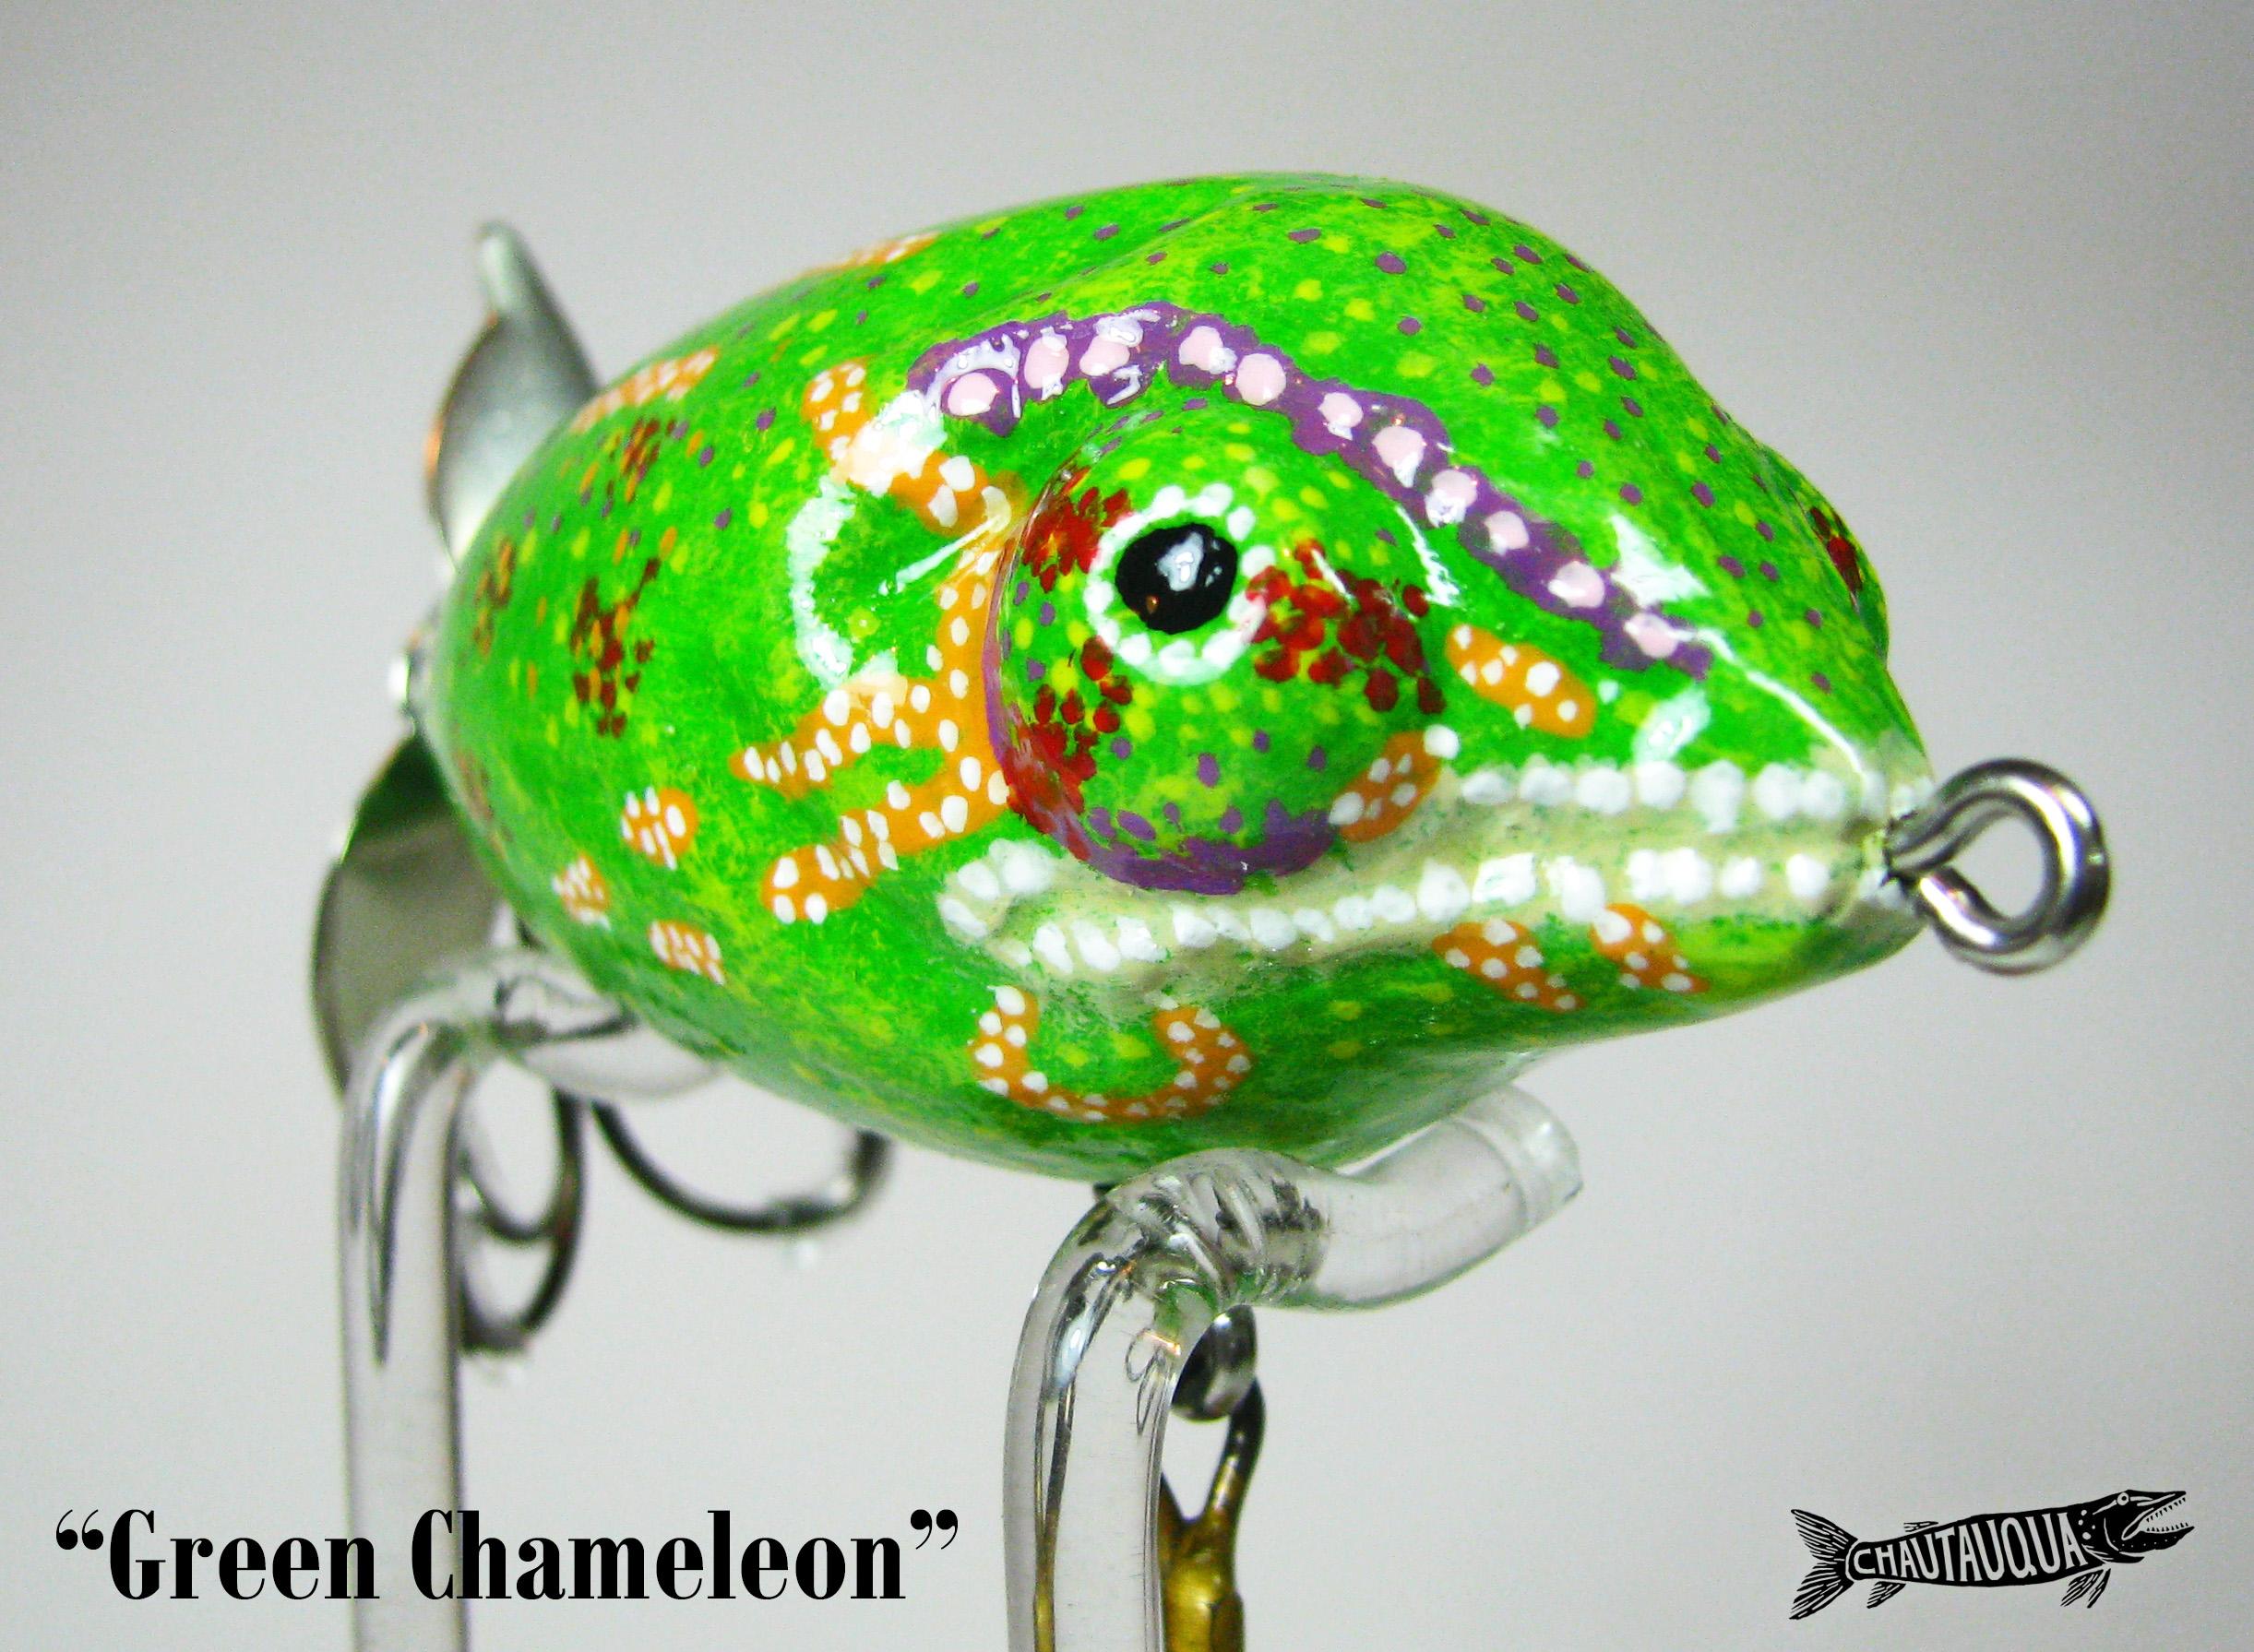 Green Chameleon1.jpg